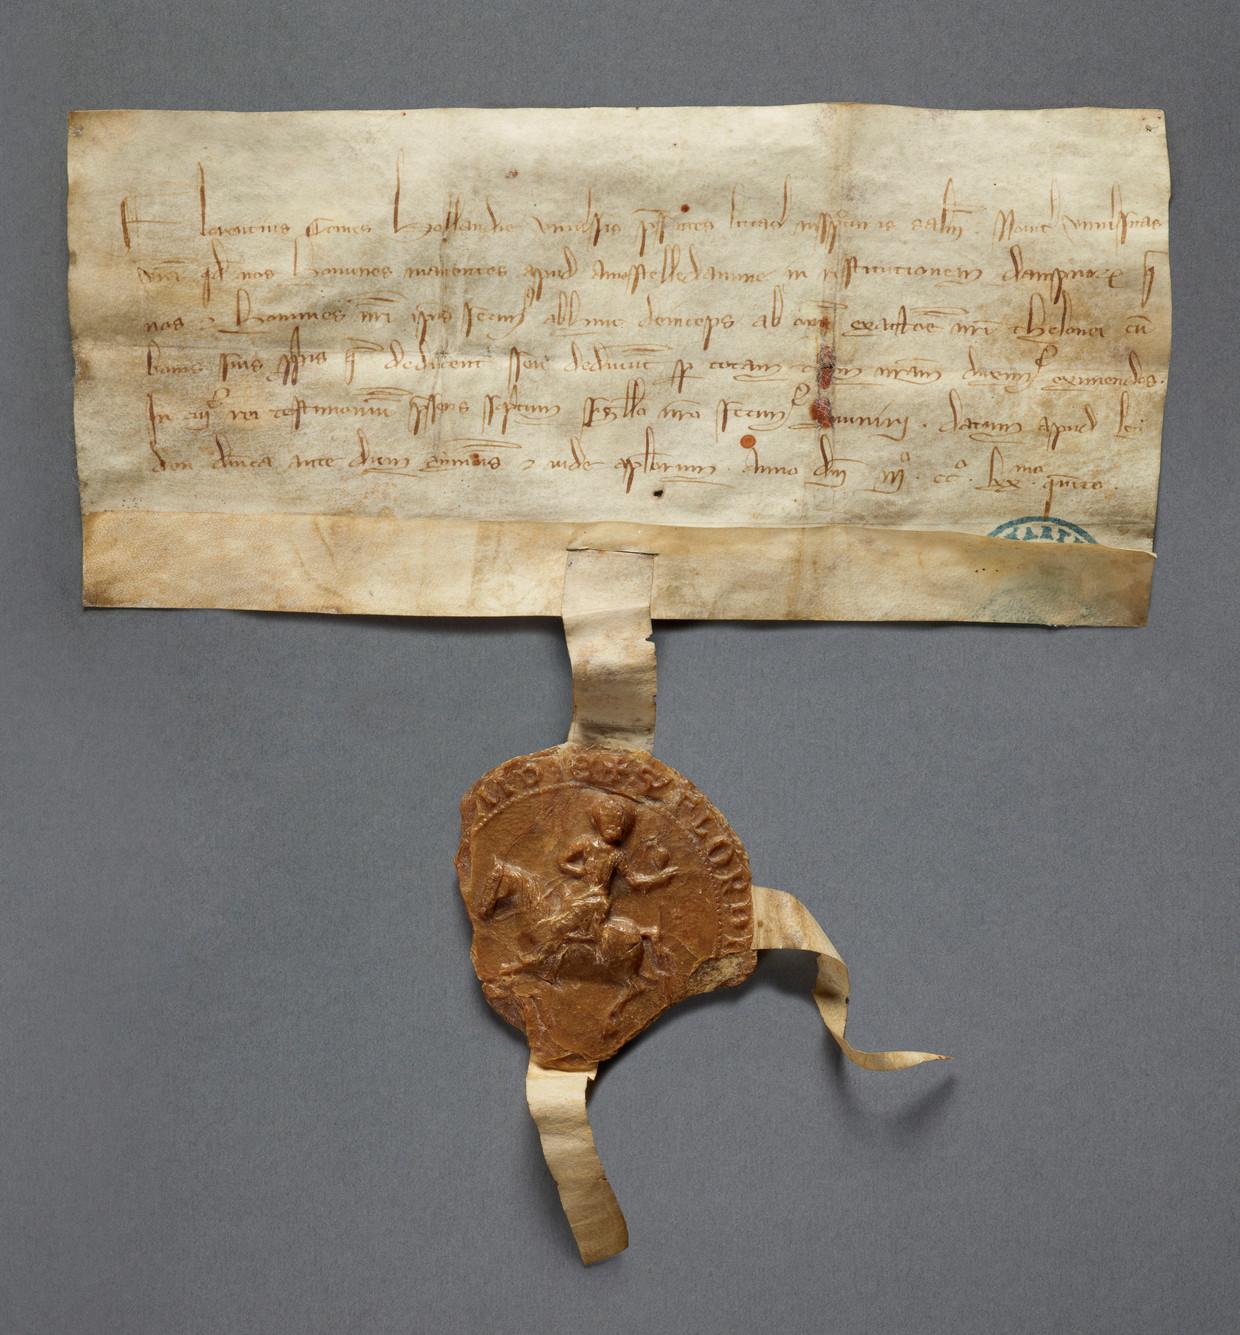 Het tolprivilege uit 1275, afgegeven door graaf Floris V. Beeld Stadsarchief Amsterdam